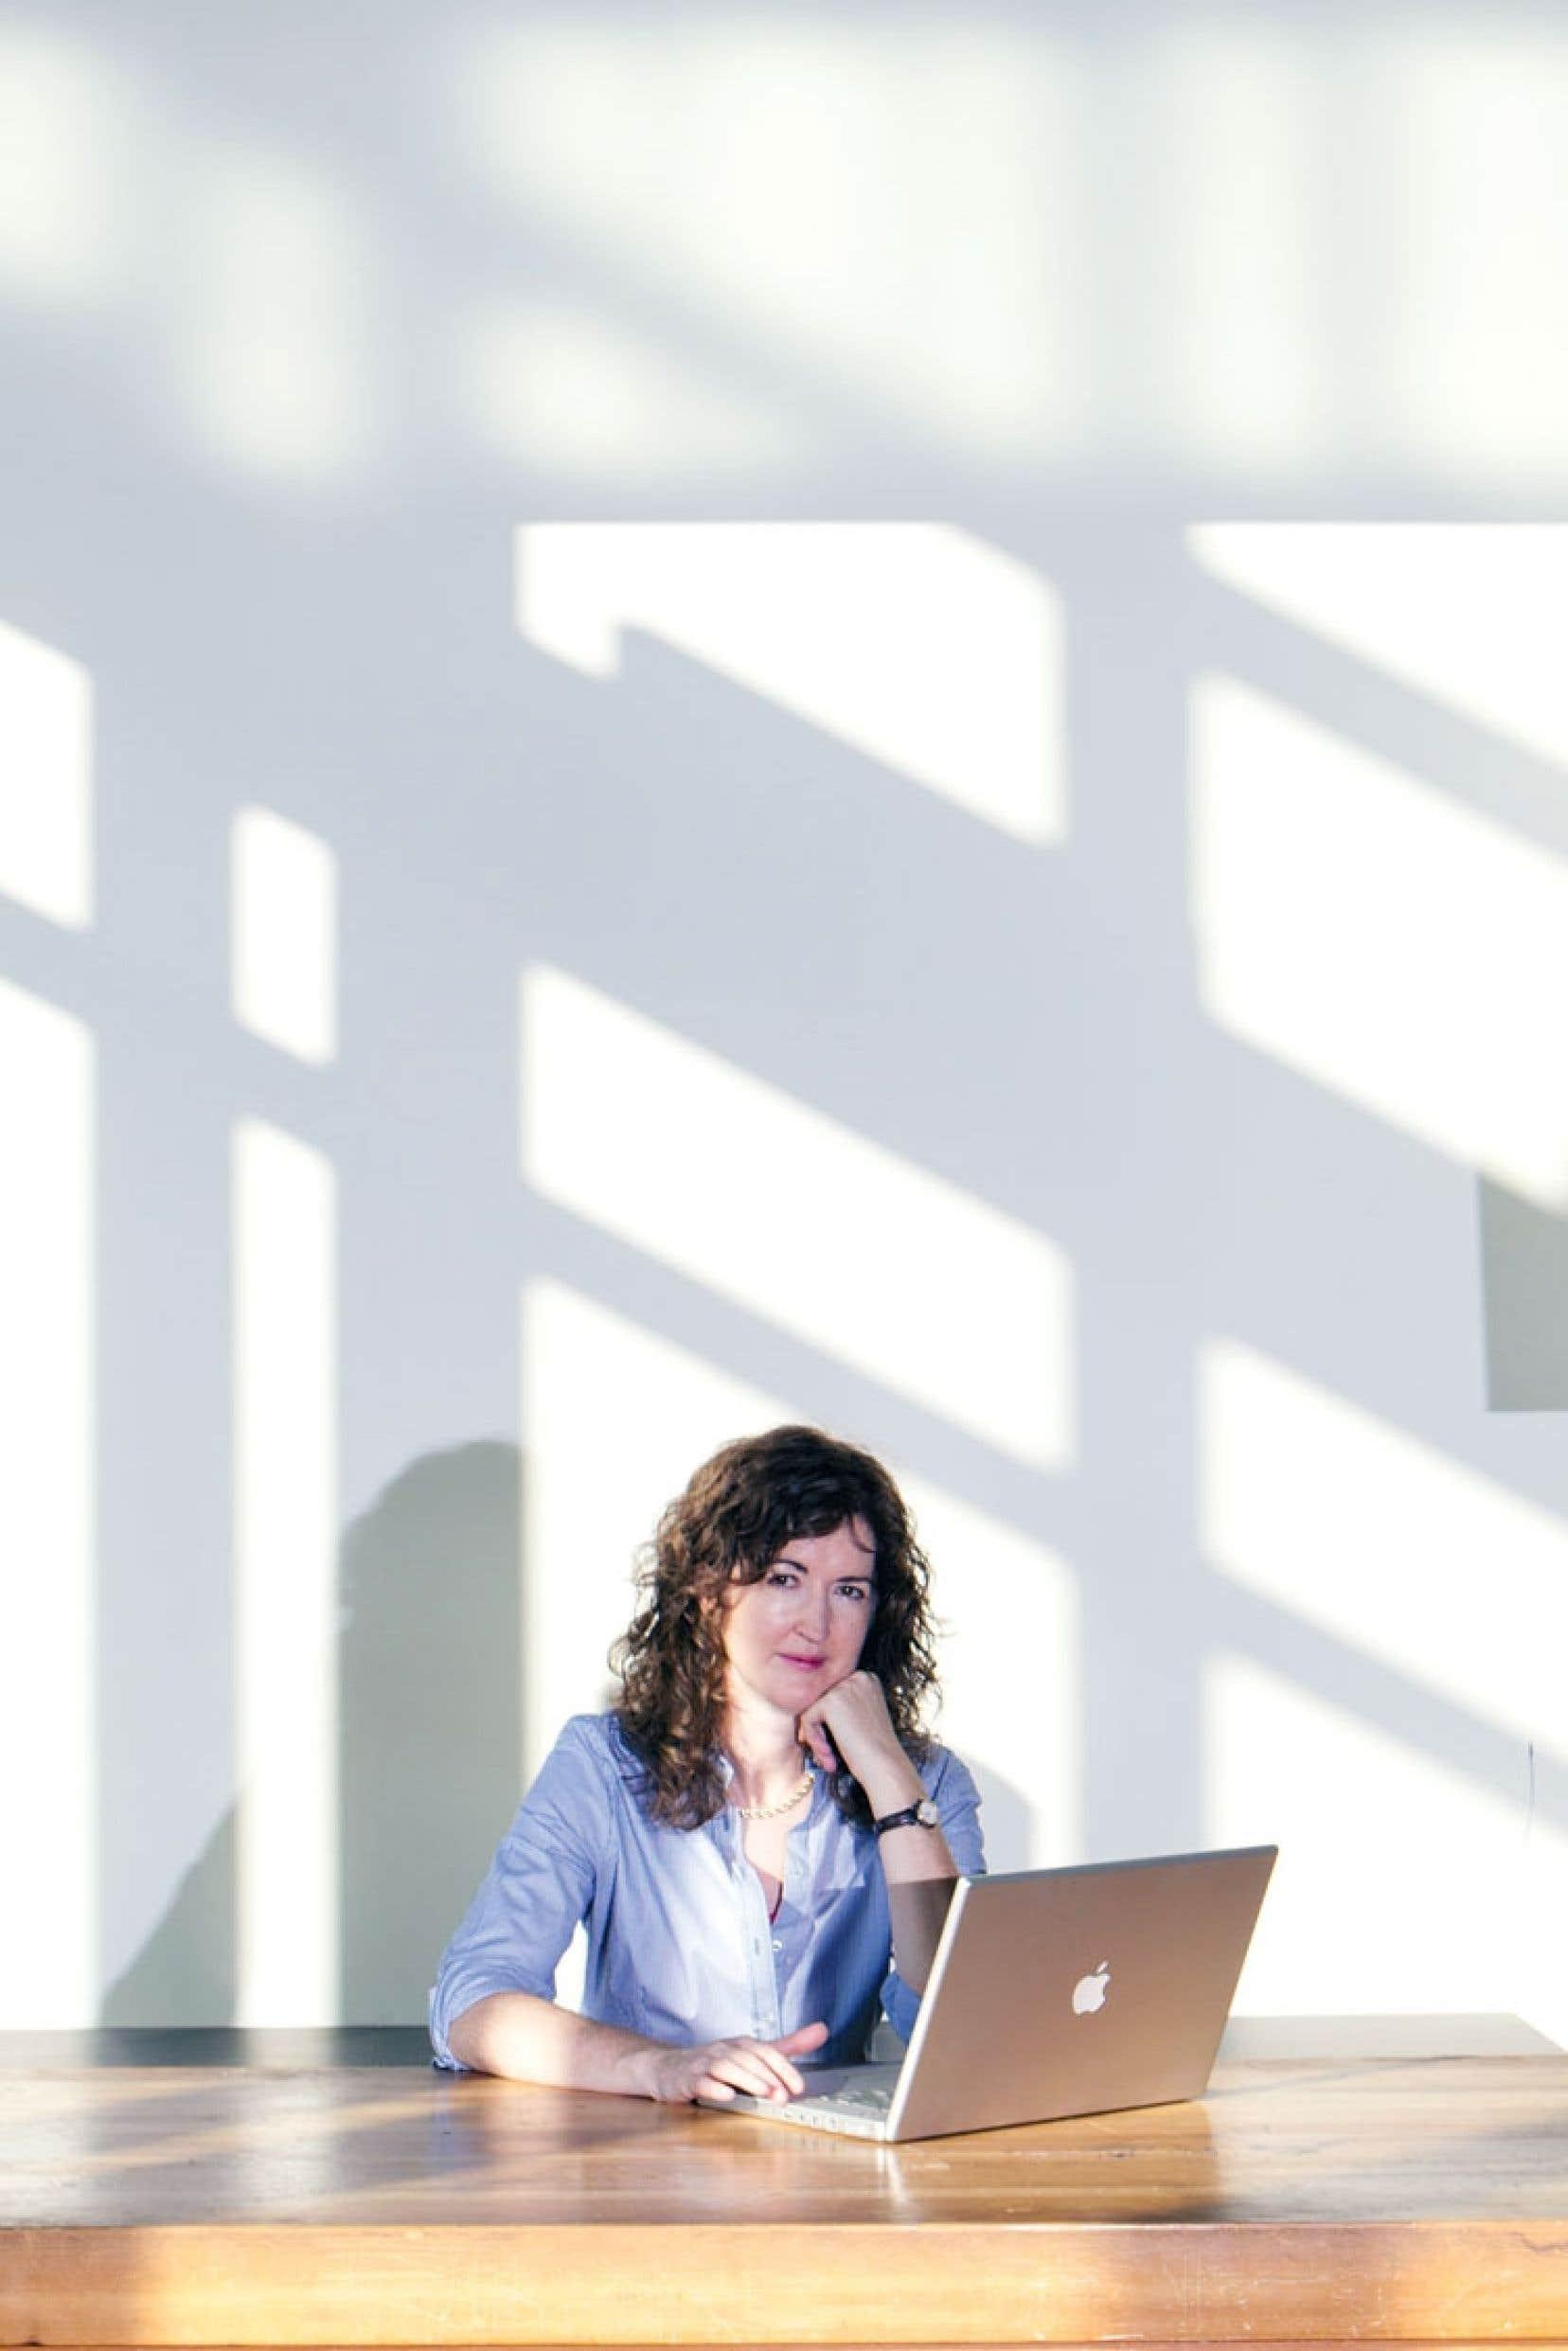 <div> Monica Mulrennan veut des aires prot&eacute;g&eacute;es qui ne servent pas seulement &agrave; &laquo; avaliser le d&eacute;veloppement &eacute;conomique &raquo;.</div>